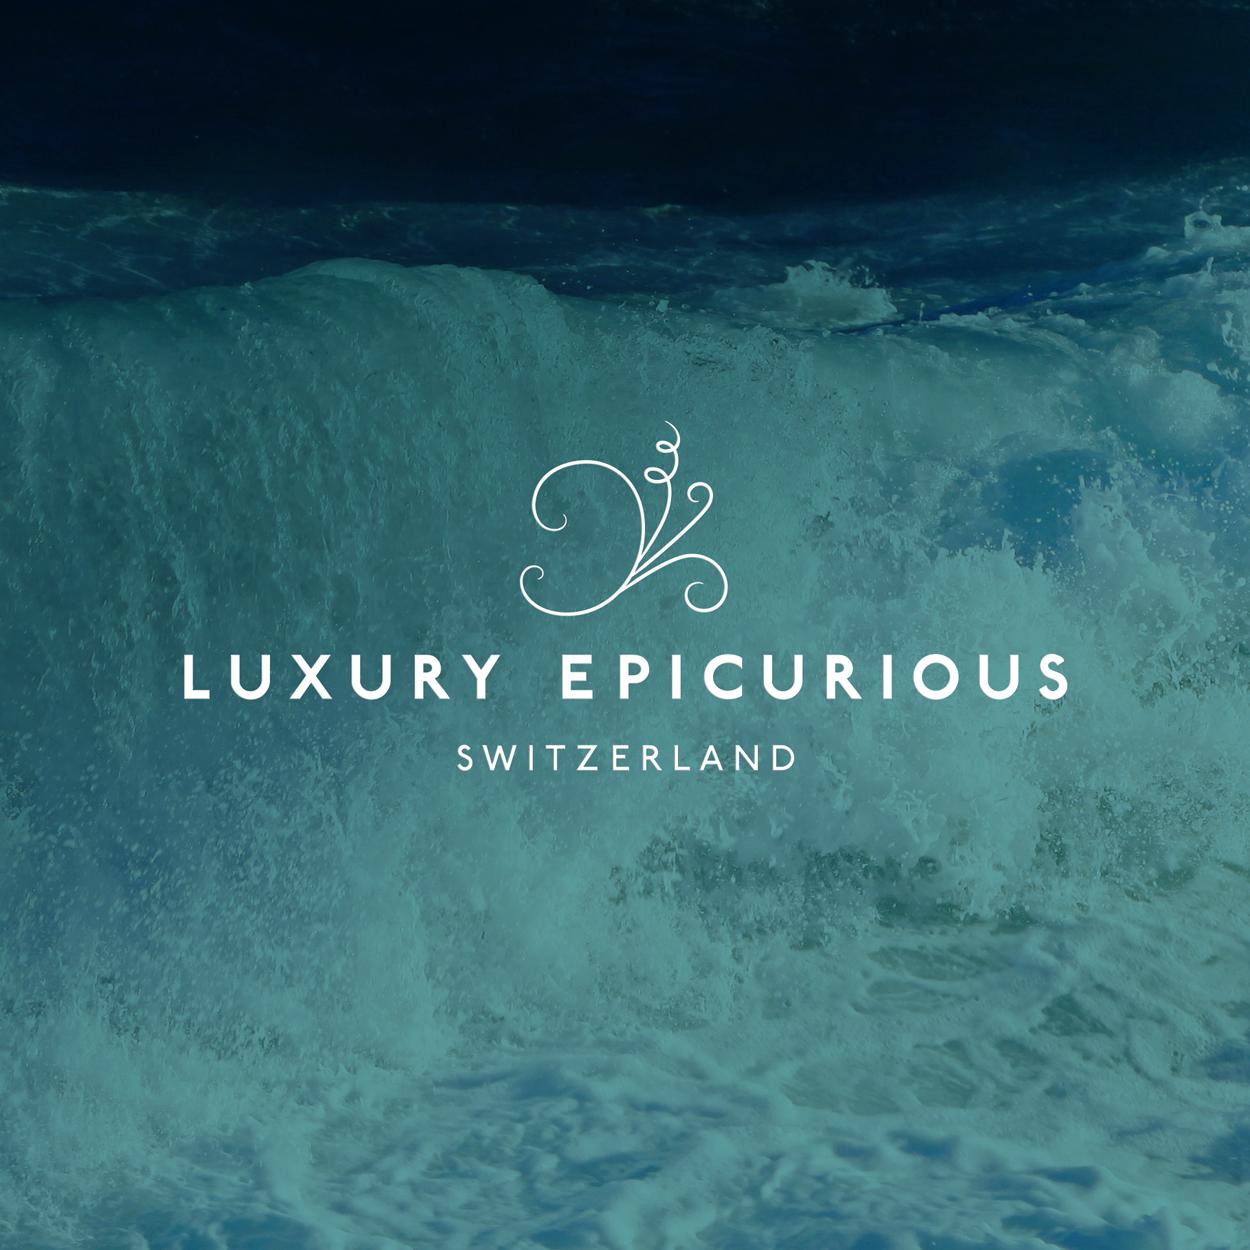 Luxury Epicurious © fannyducommun